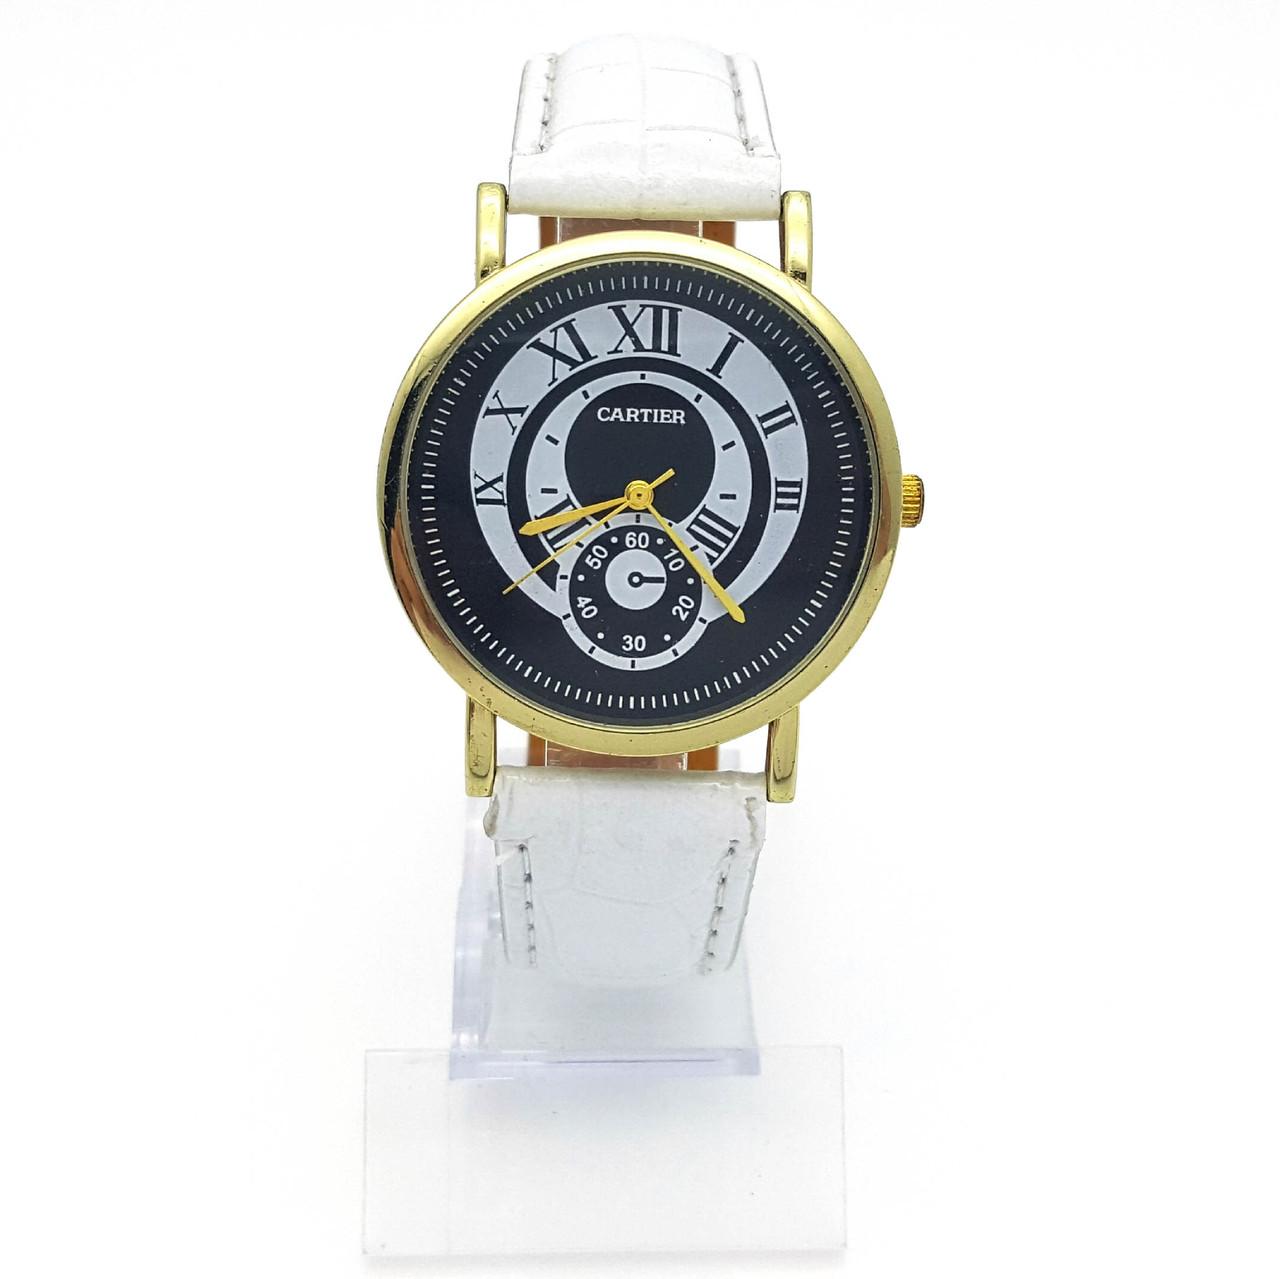 Часы на белом ремешке, с рымским циферблатом, длина ремешка 18-22,см, циферблат 38мм